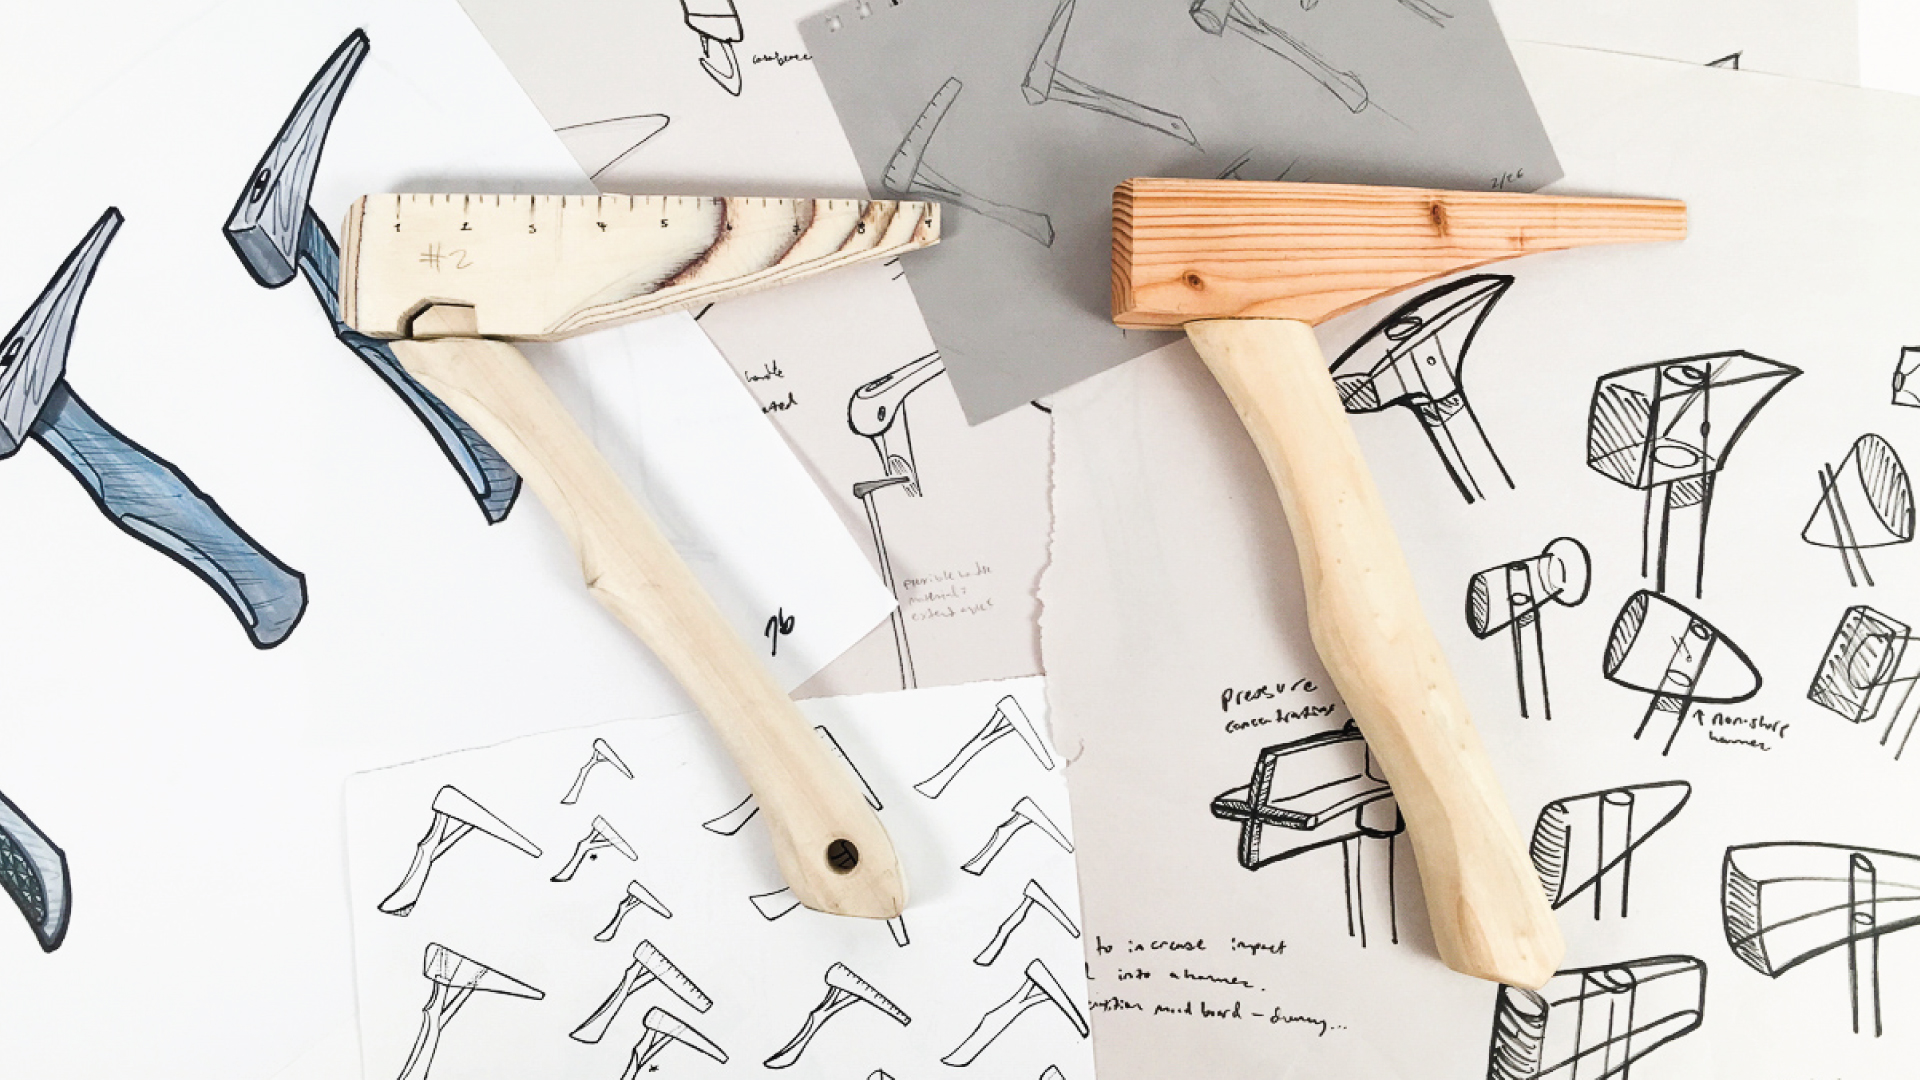 hammer-prototypes.jpg